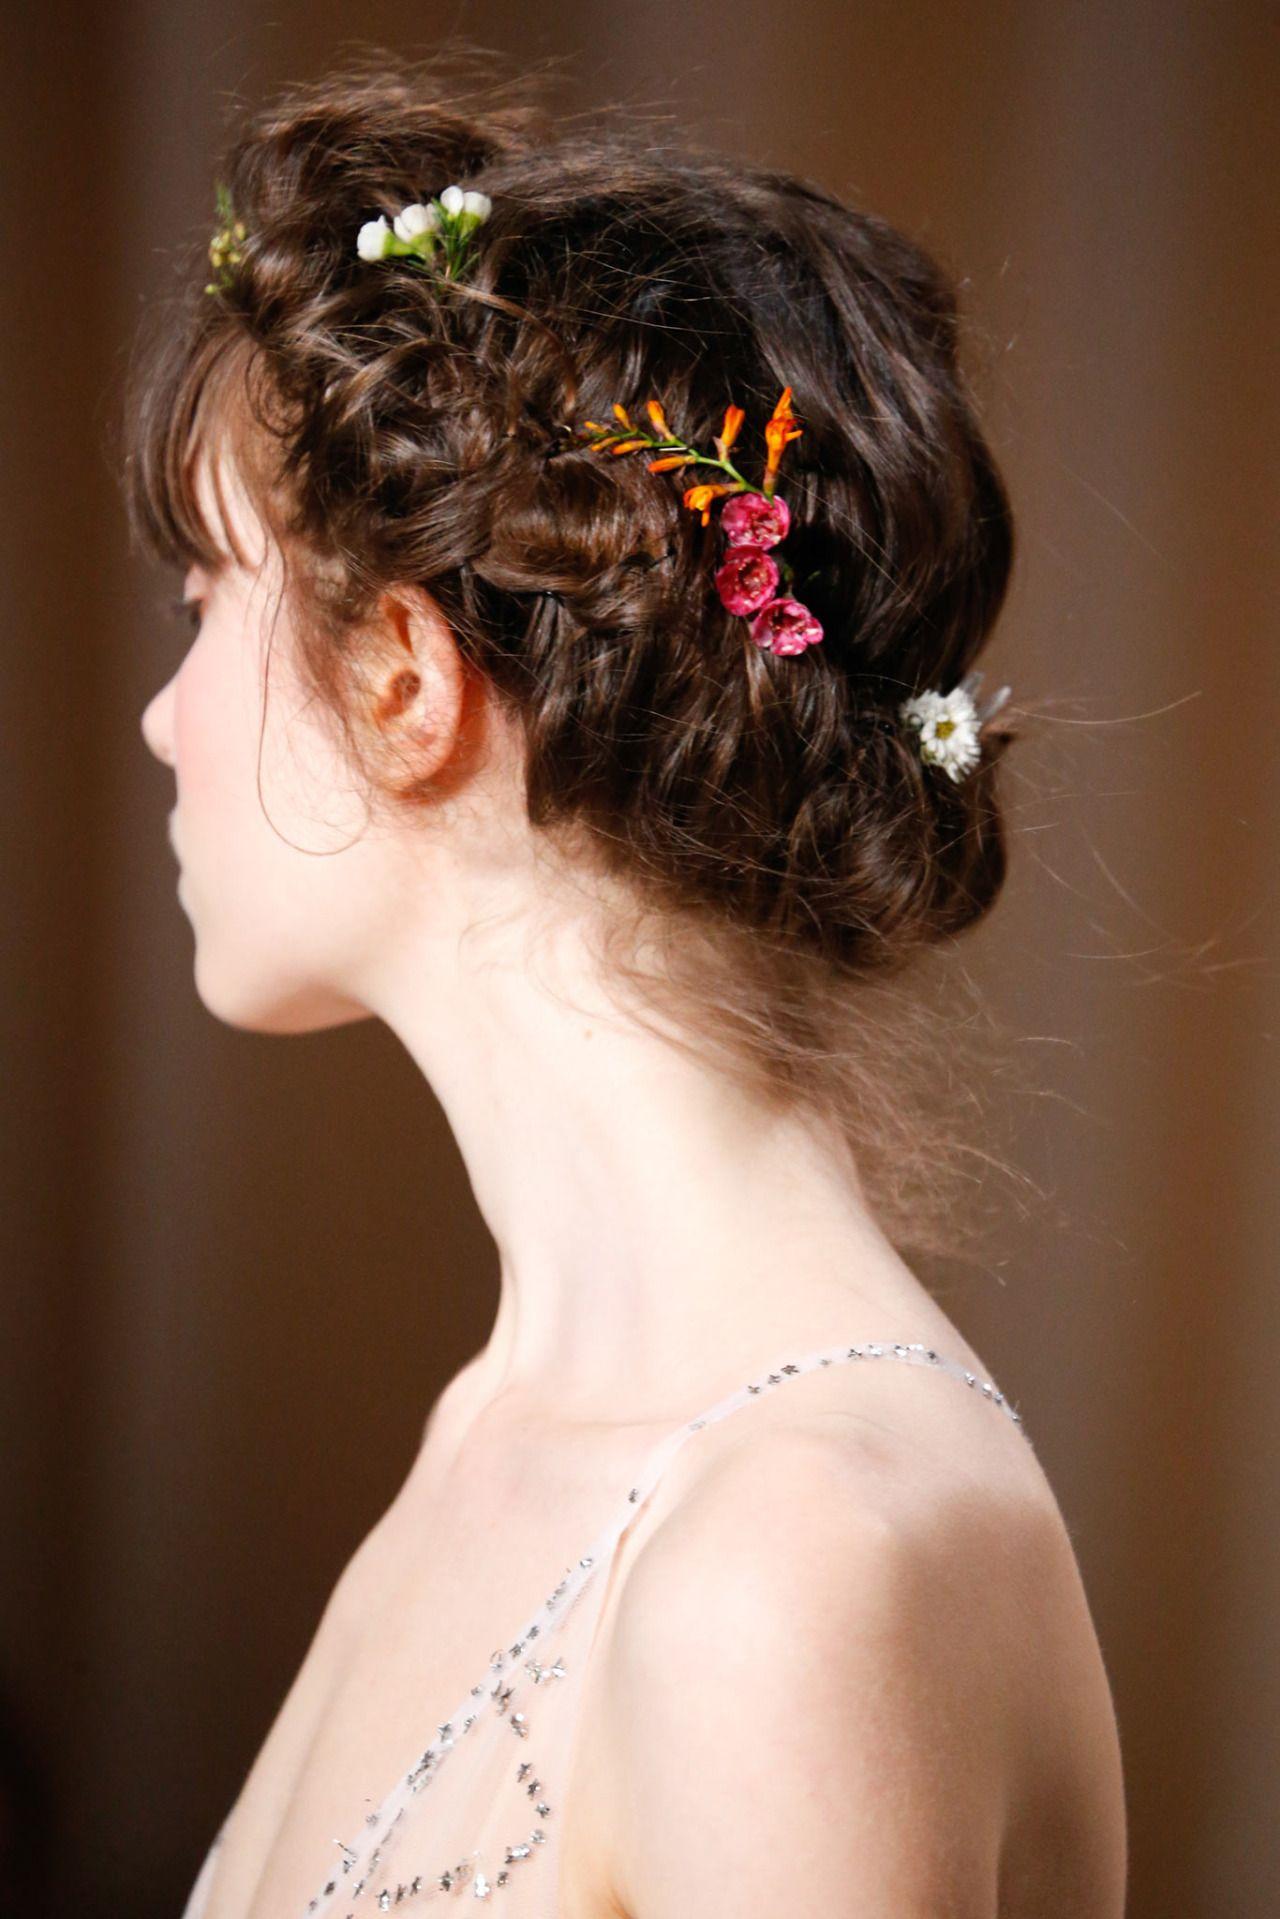 Dior fall rtw boots skaodi valentino haute couture spring